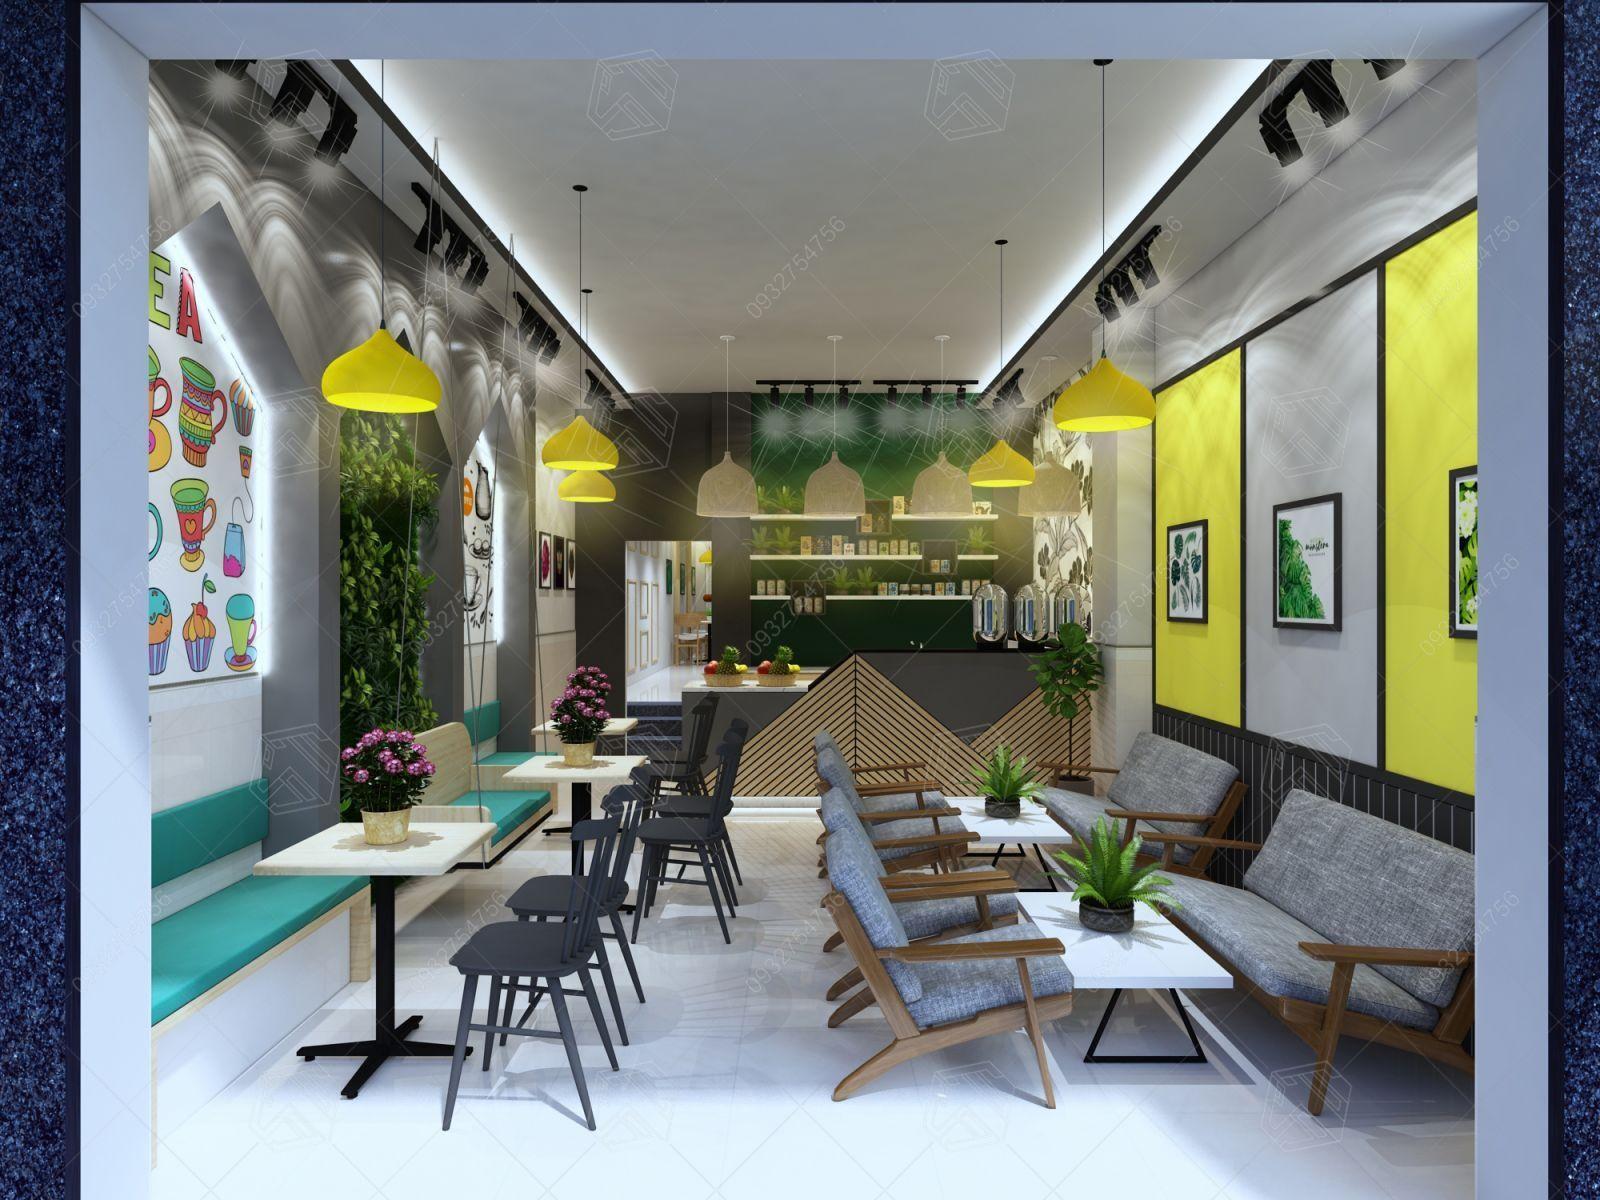 Màu vàng tạo nên sự đa dạng về phong cách thiết kế quán trà sữa